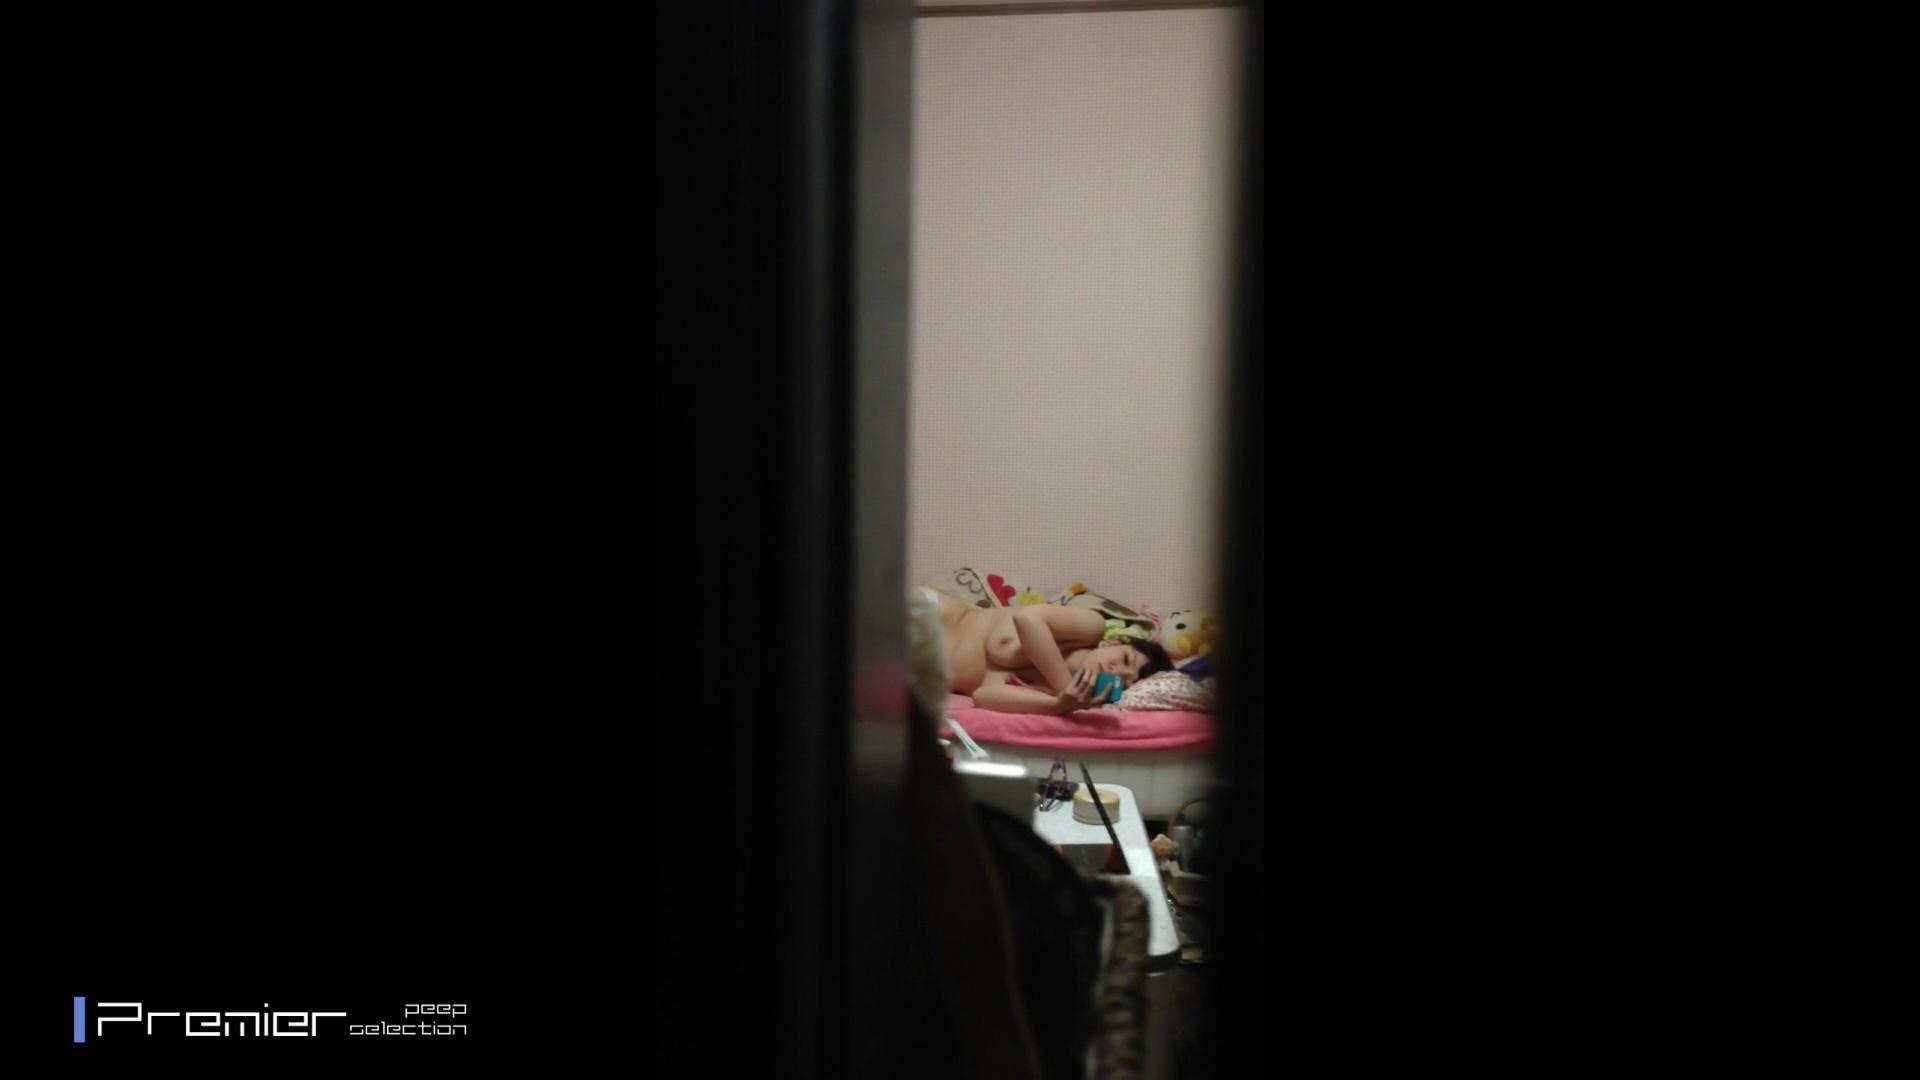 吉祥寺の美容師 エロい休日 美女達の私生活に潜入! 細身   桃色乳首  35画像 35